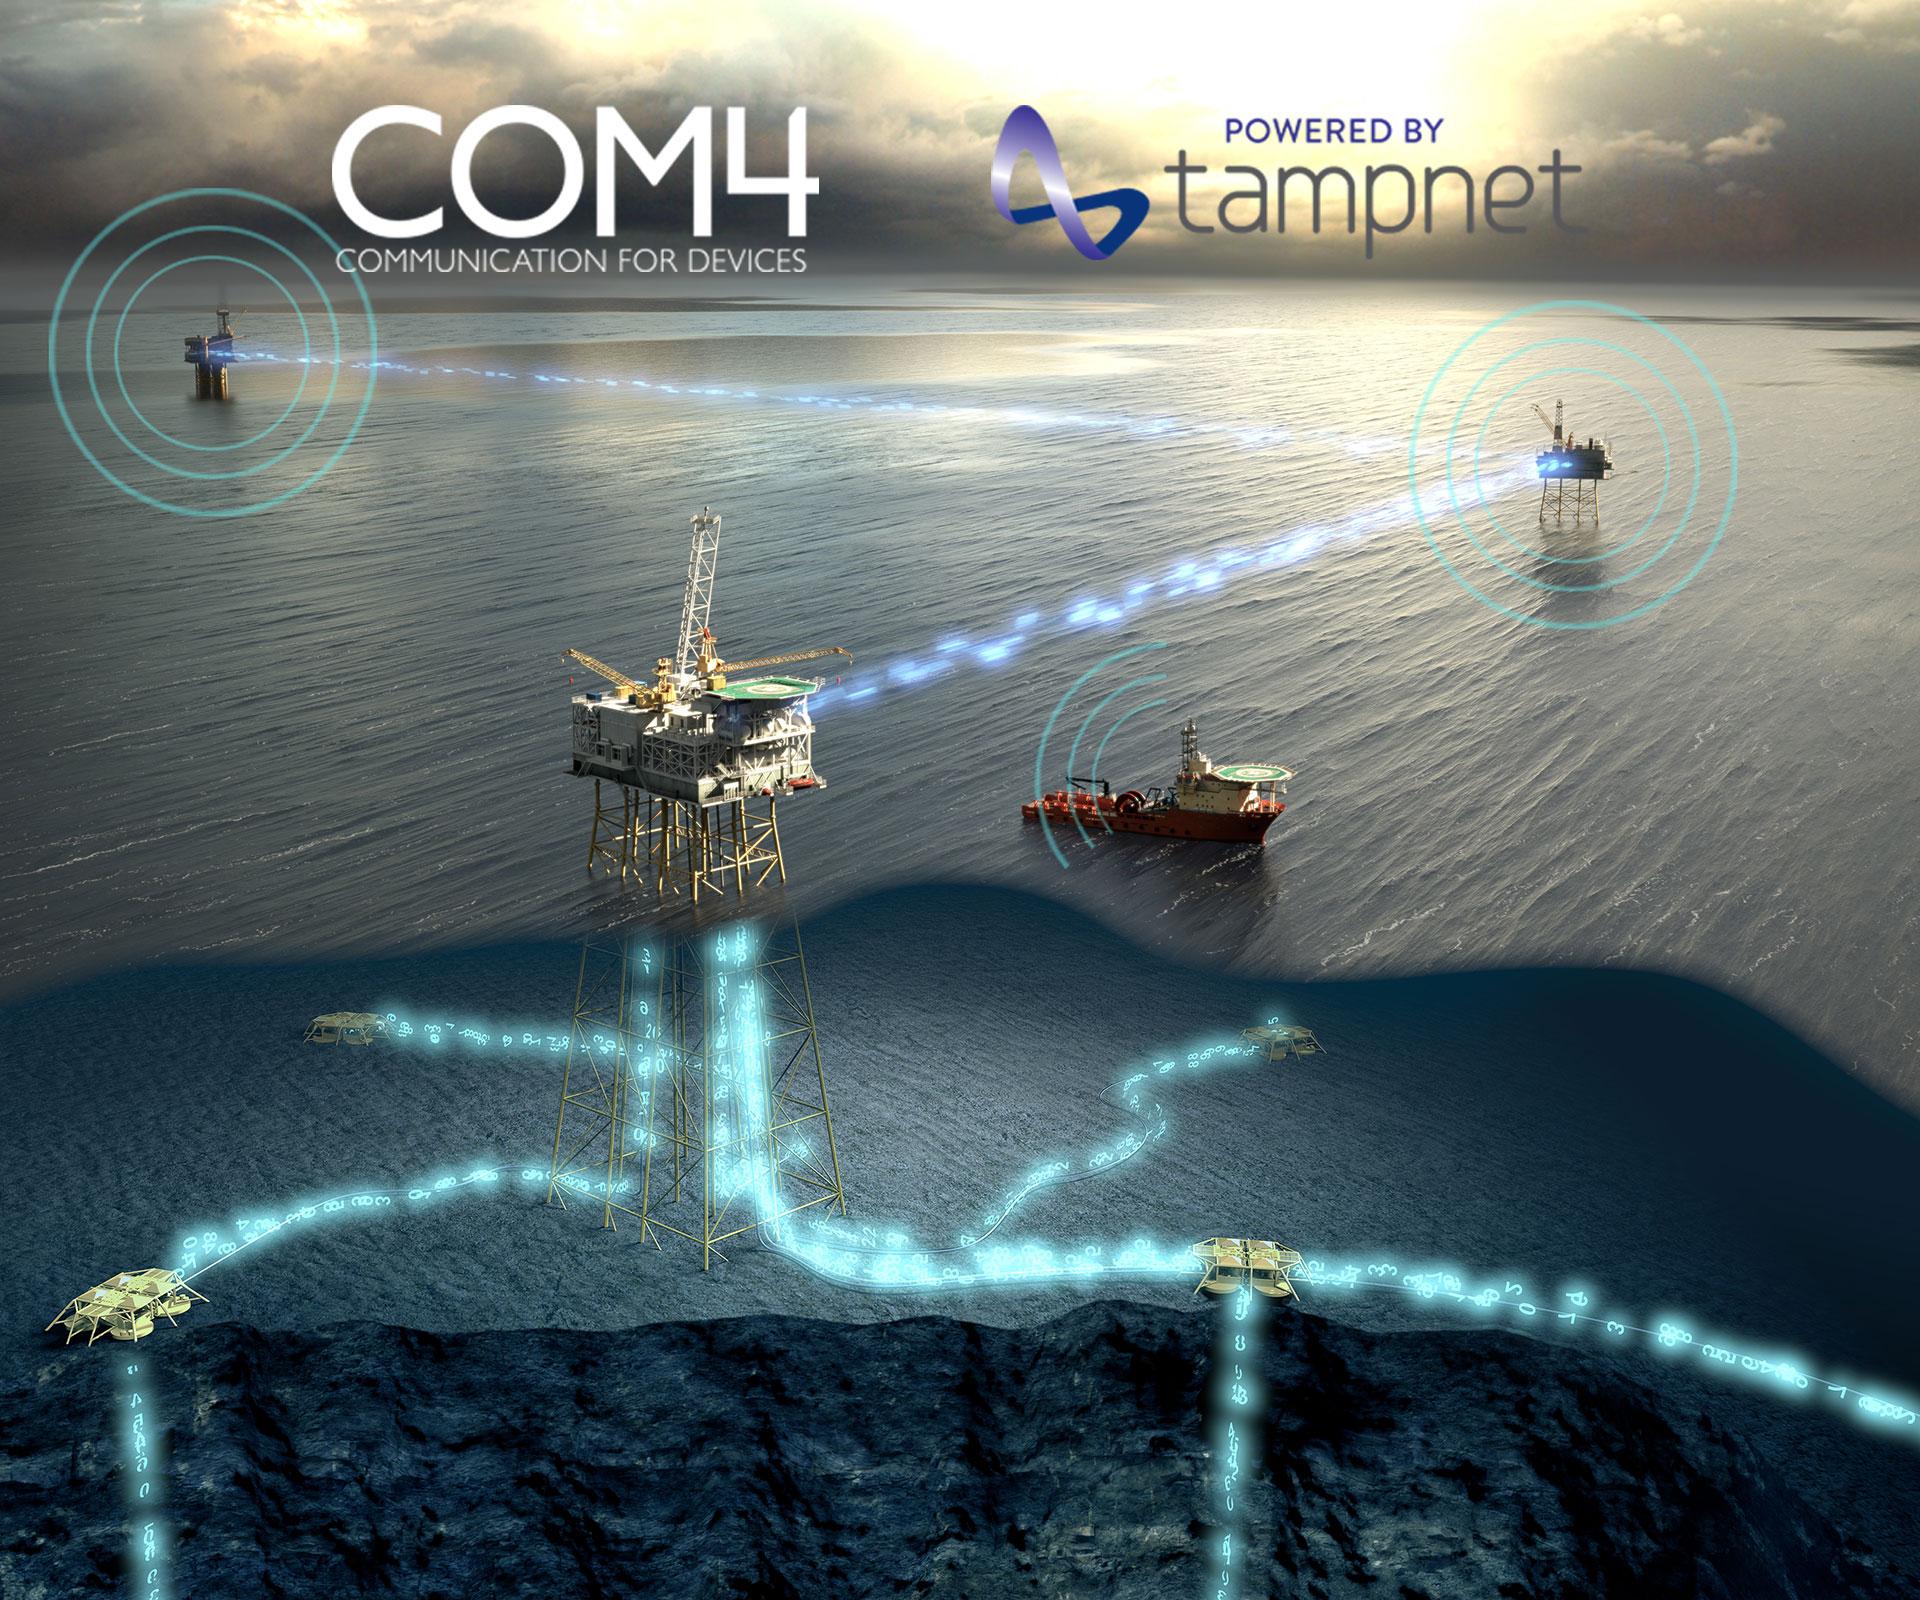 4g kart norge Oljenytt | Nettmagasifor norsk olje og gass 4g kart norge